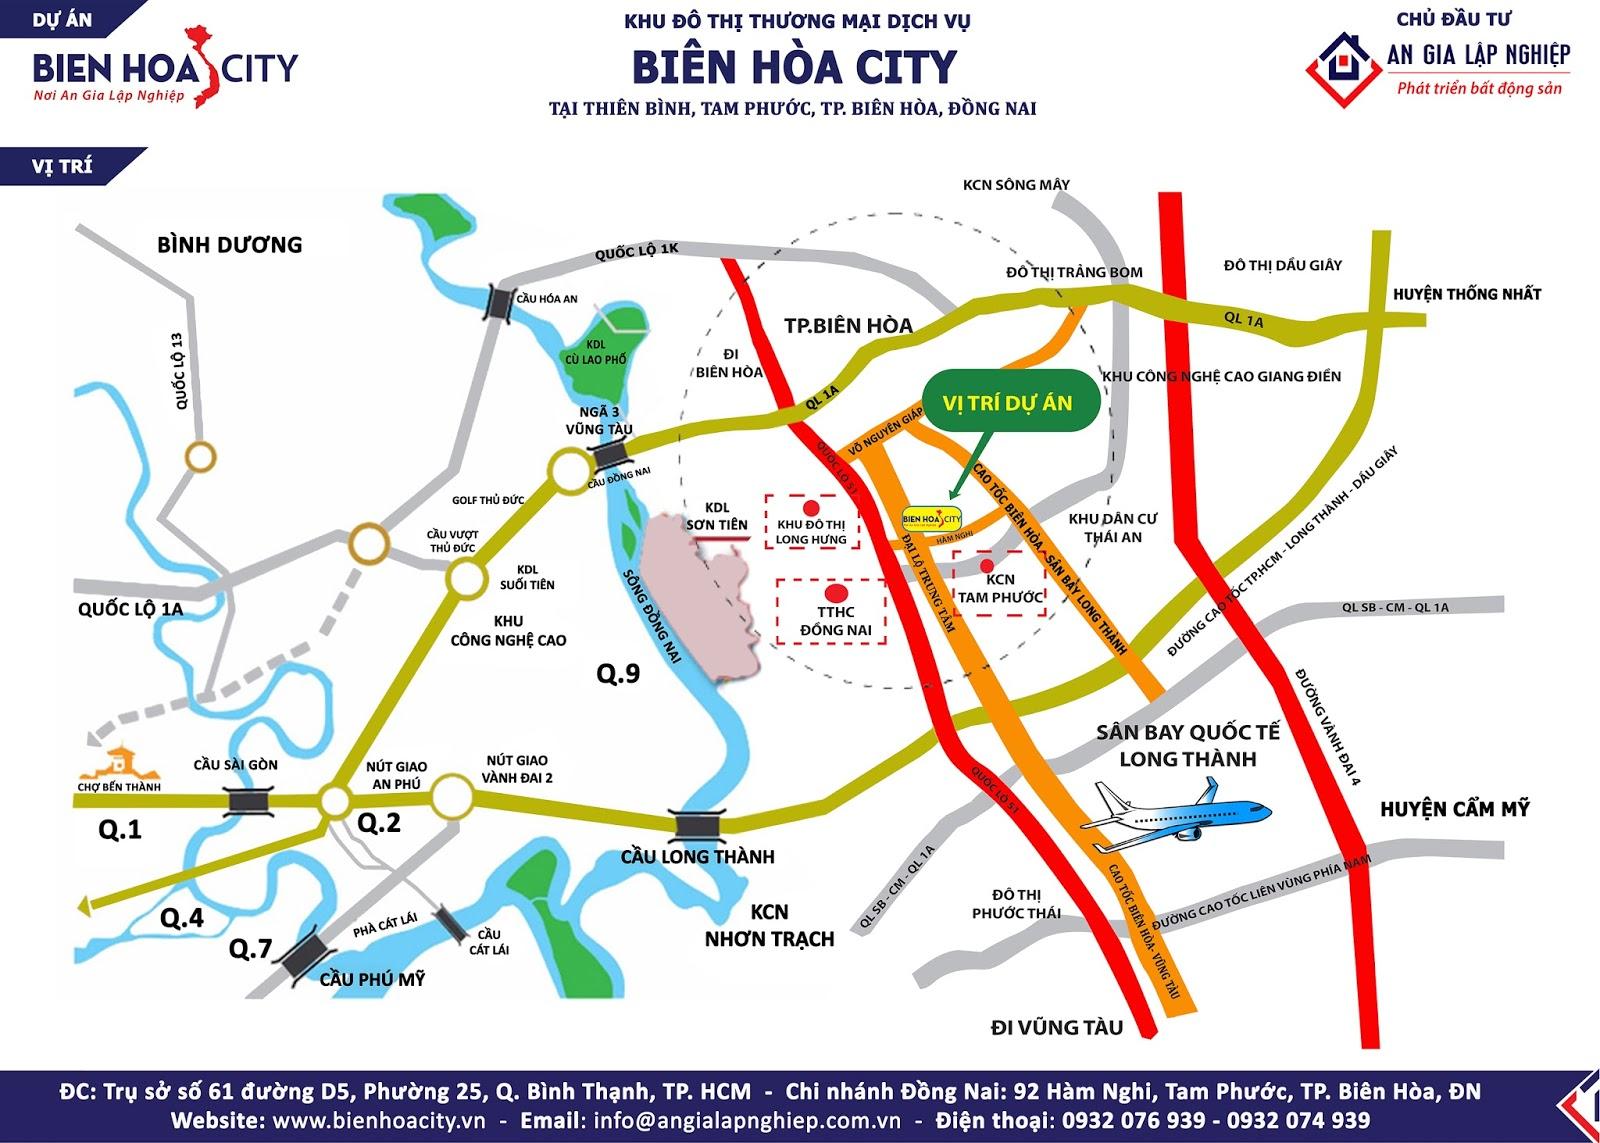 Vị trí dự án Biên Hòa City